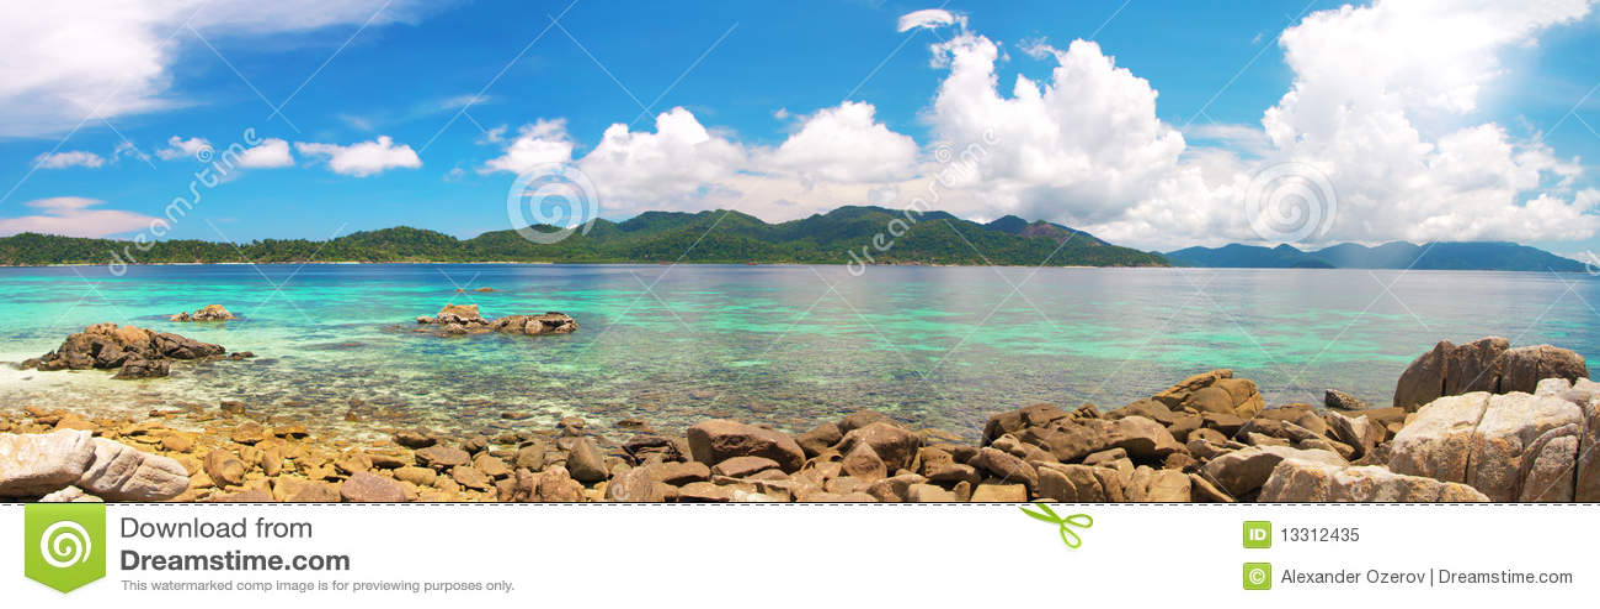 Mar tropical bonito